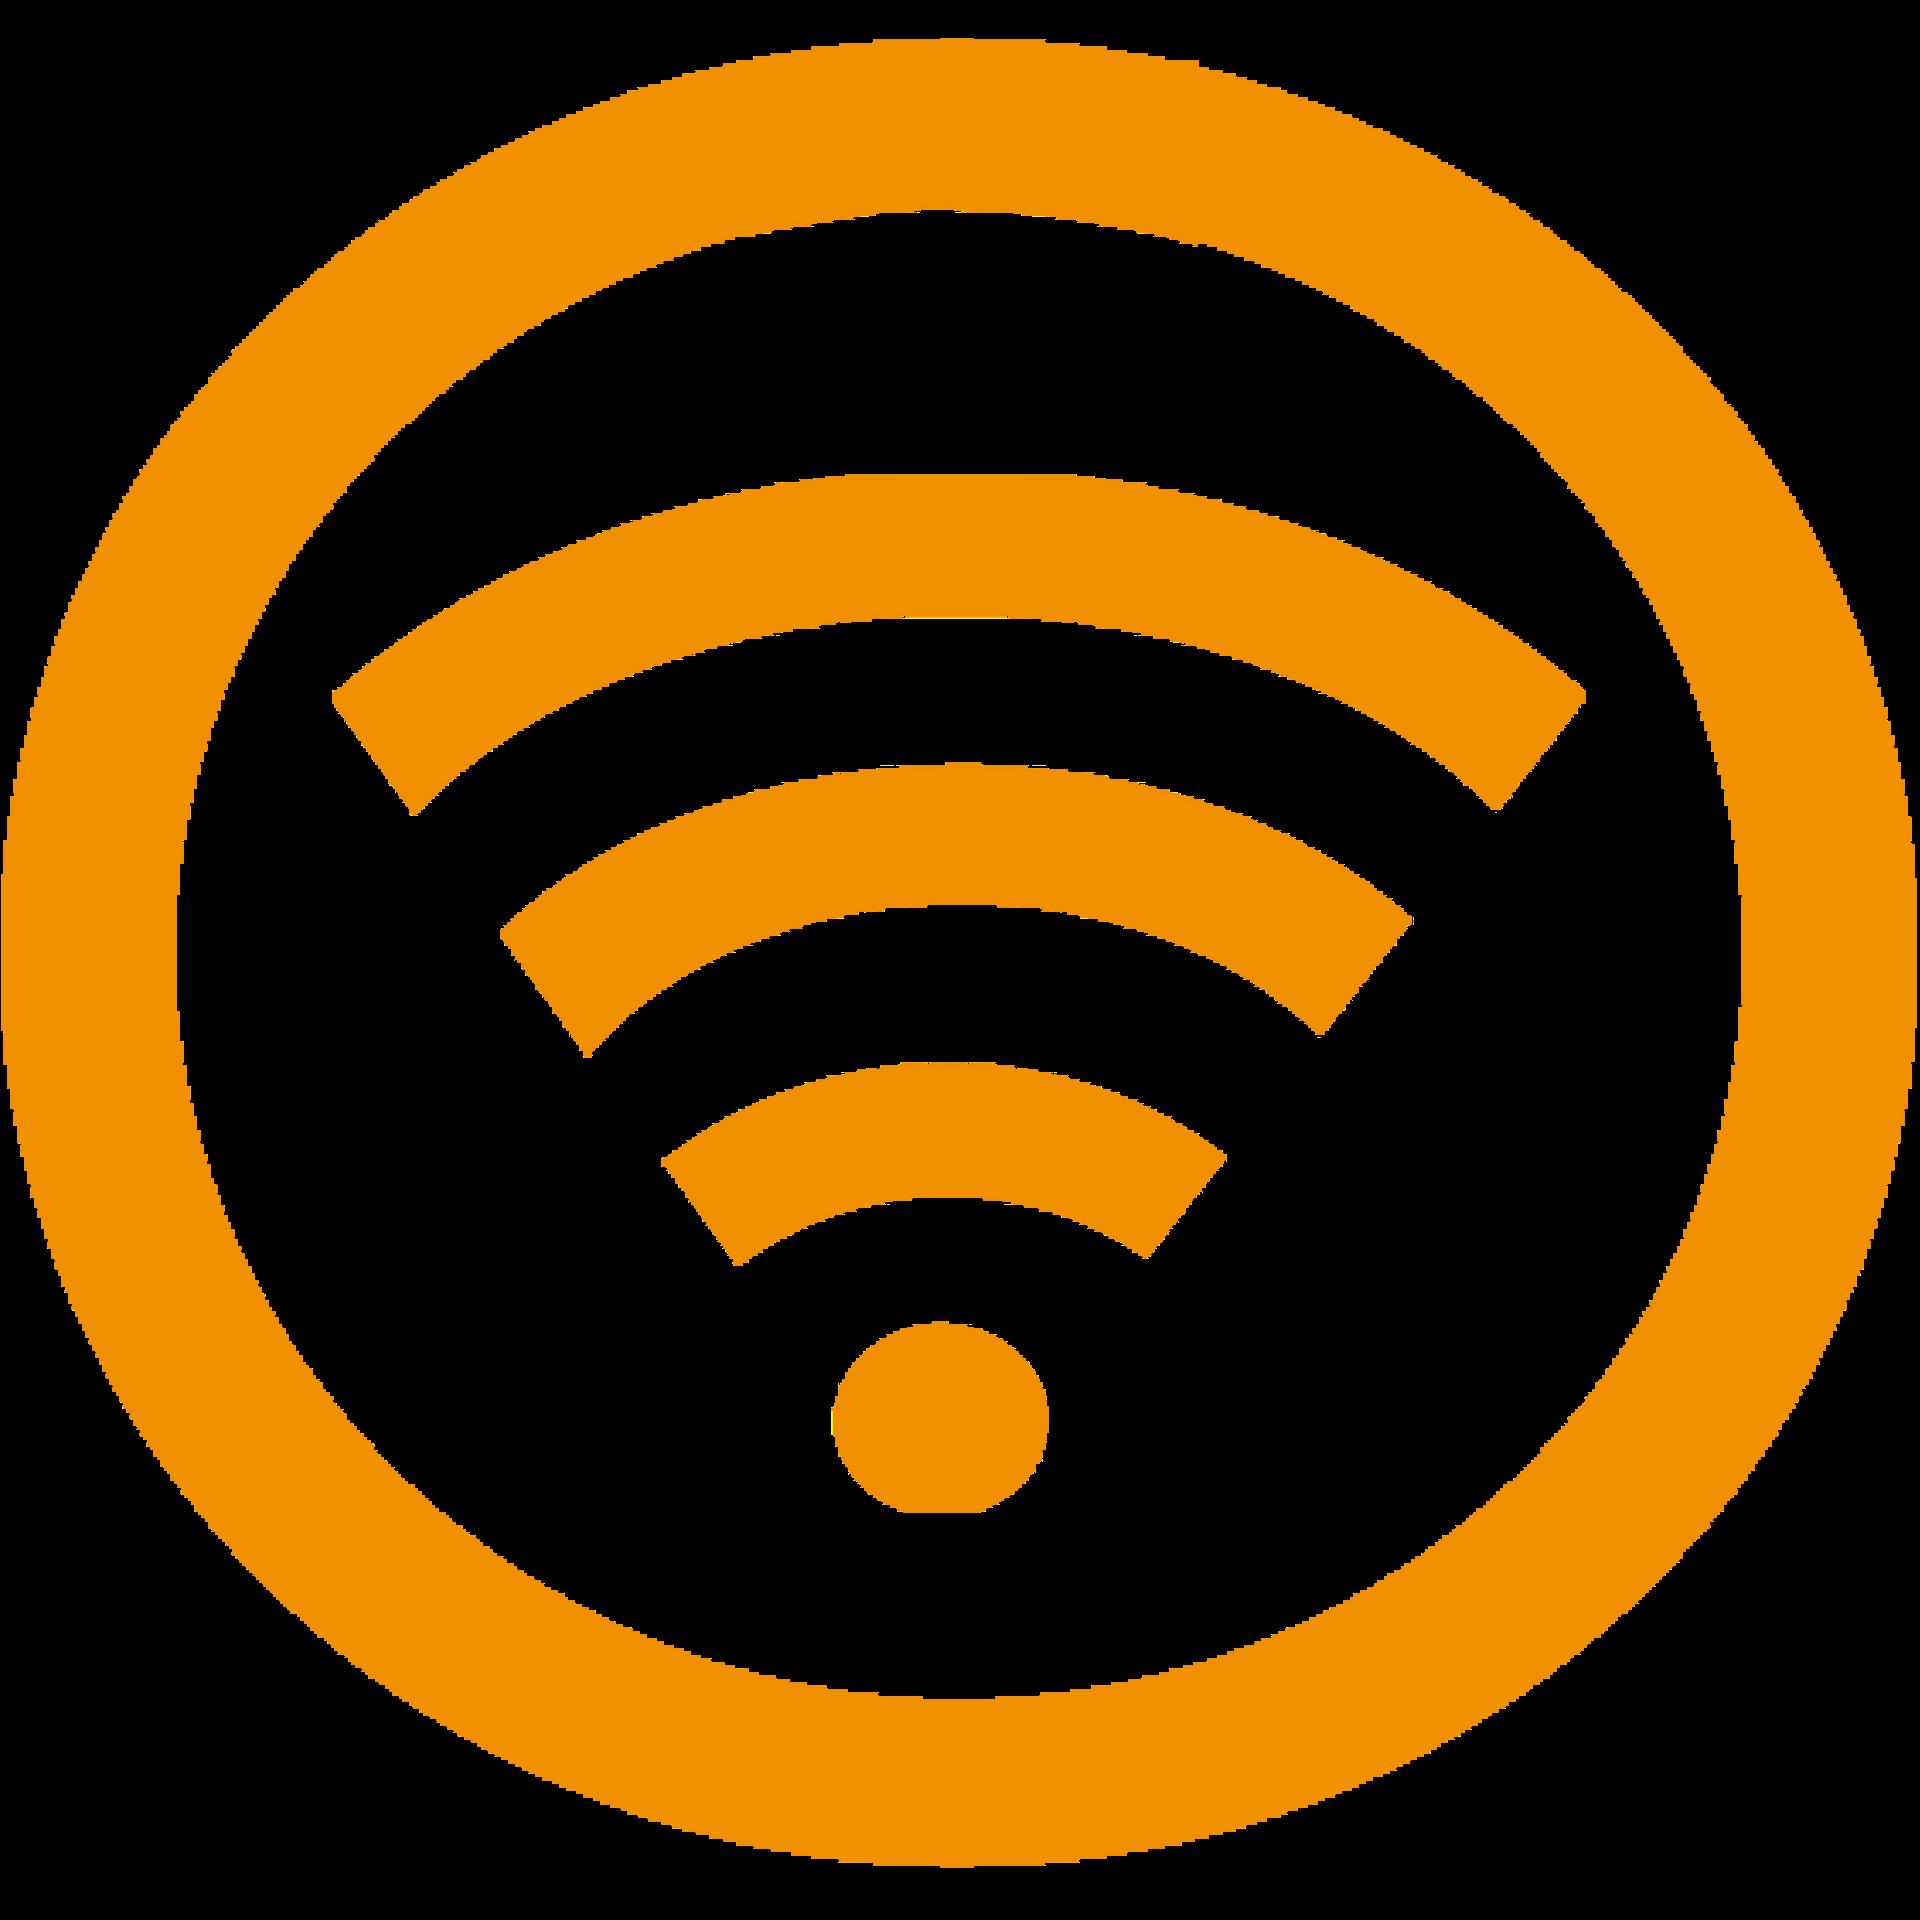 Wifi Icon Yellow